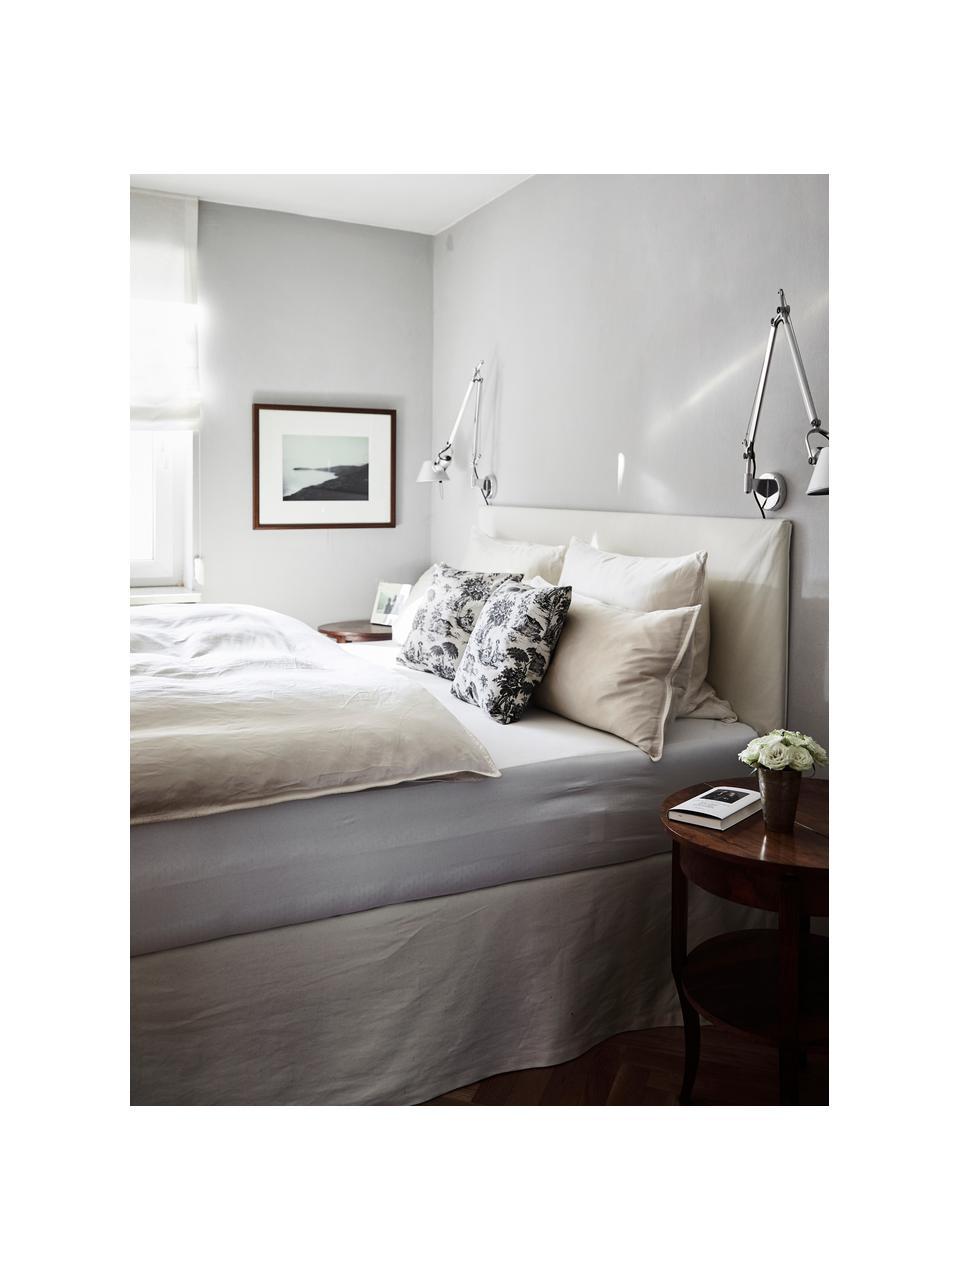 Łóżko tapicerowane ze schowkiem Feather, Korpus: lite drewno sosnowe i pły, Tapicerka: poliester (tkanina strukt, Ecru, S 180 x D 200 cm